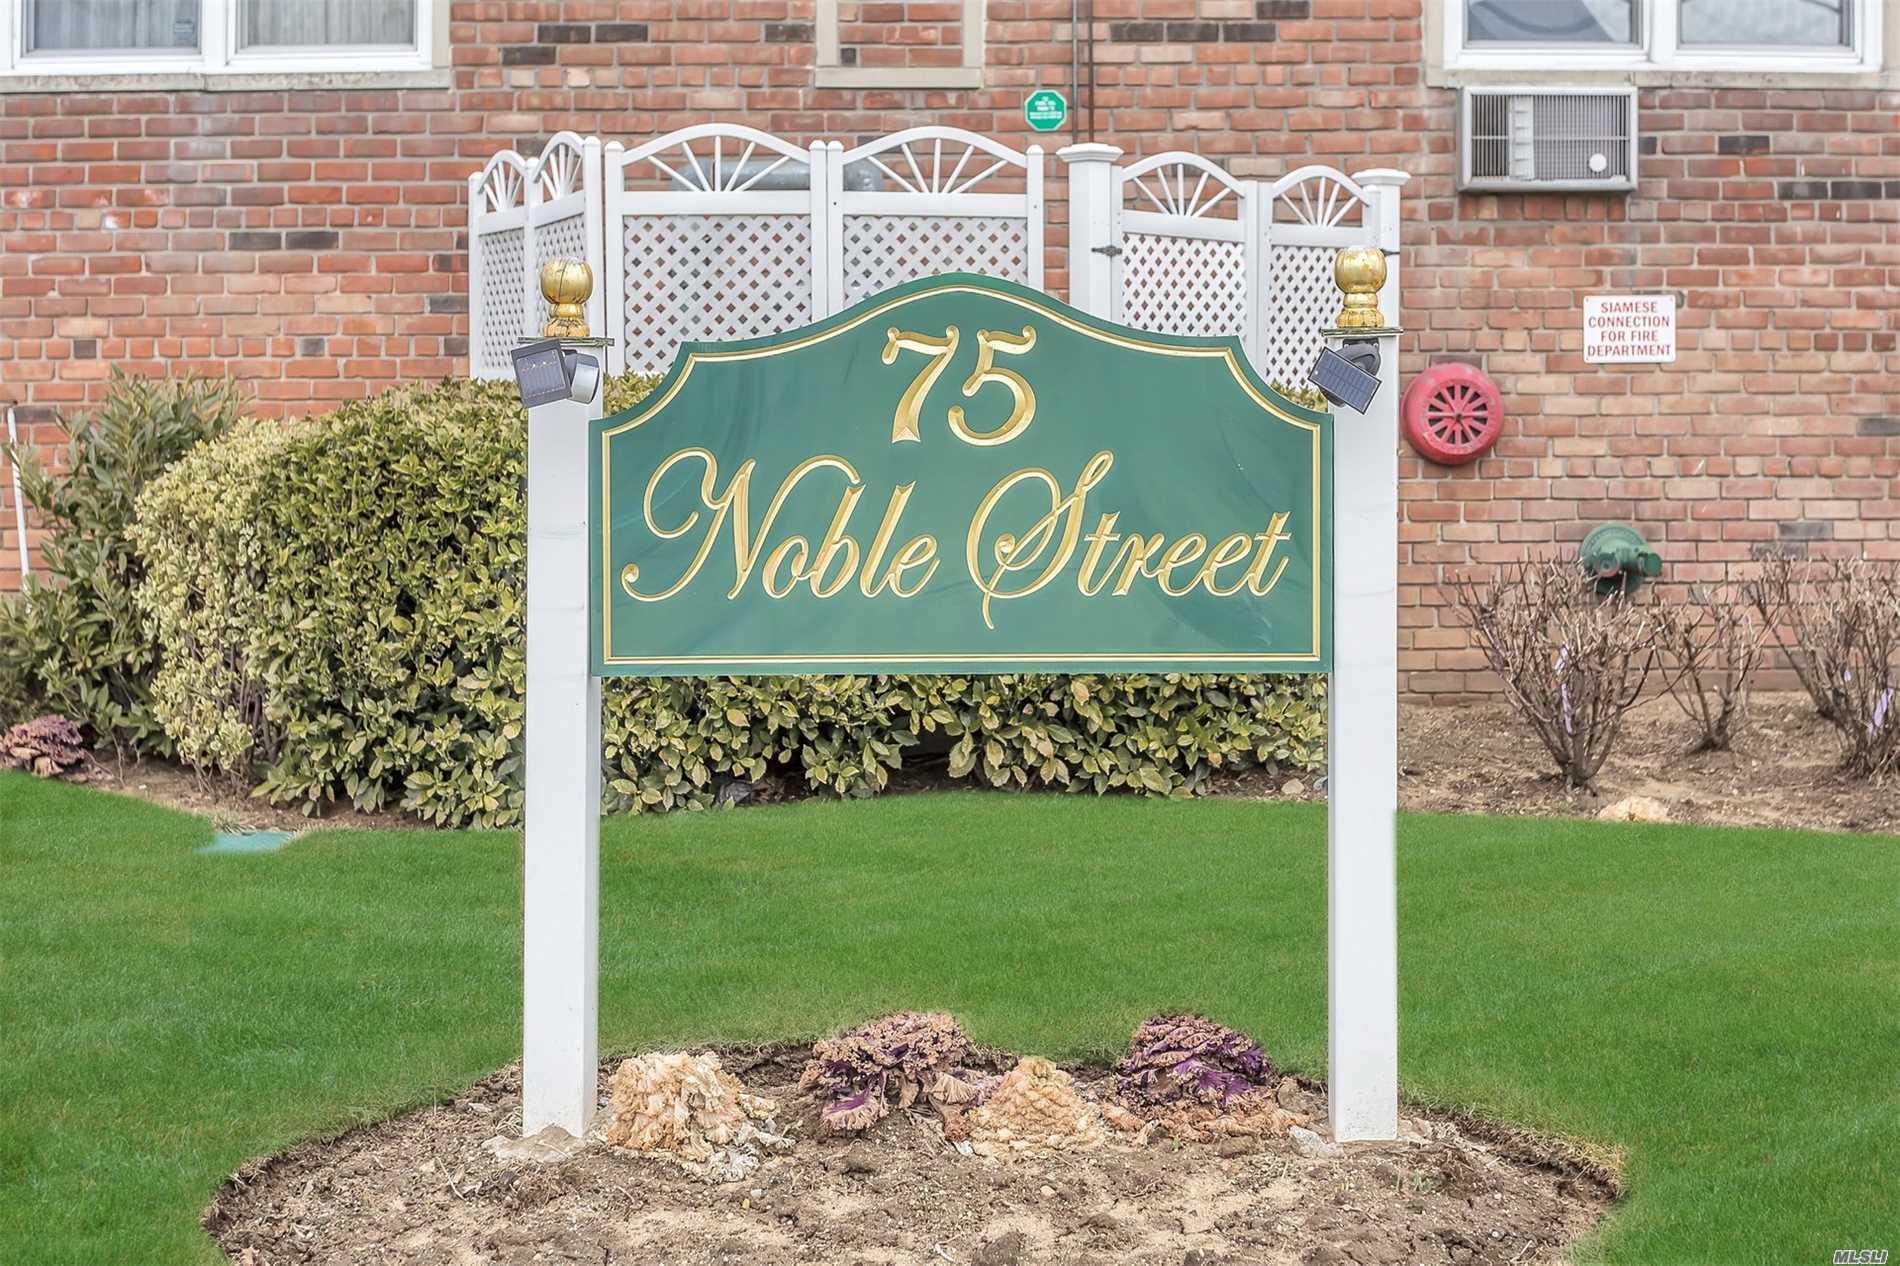 75 Noble St, 104 - Lynbrook, New York